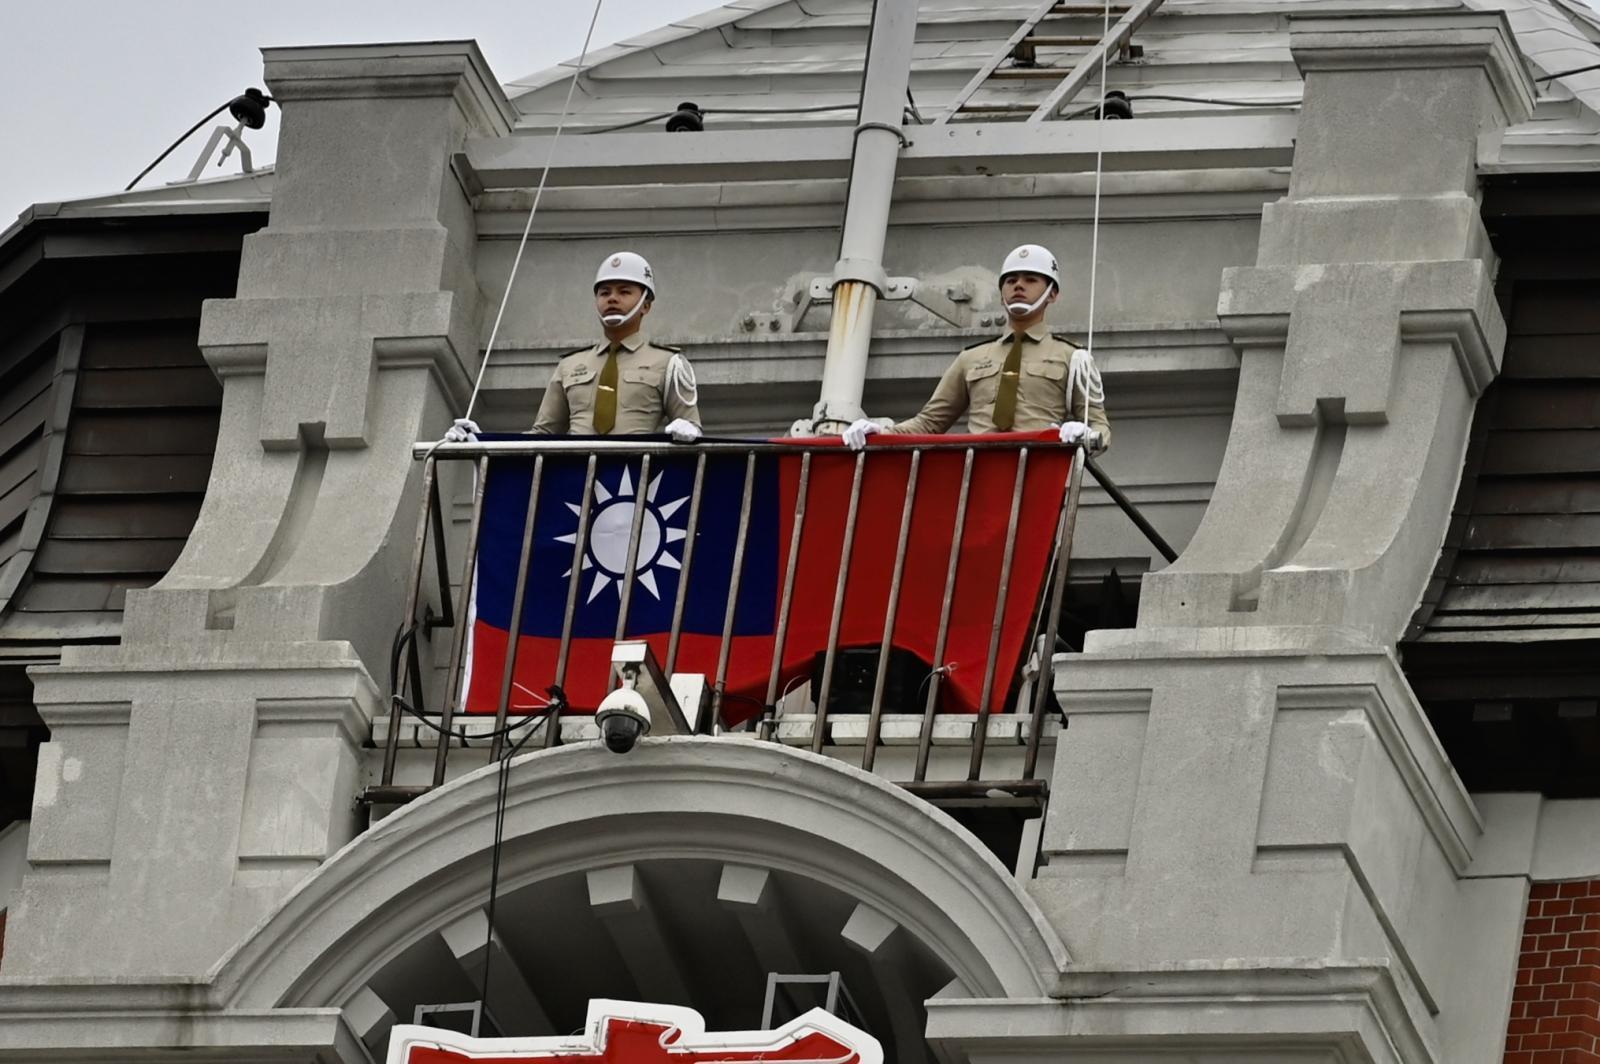 จีน เล็งขึ้นบัญชีดำกลุ่มหนุนไต้หวัน แยกตัวเป็นเอกราช